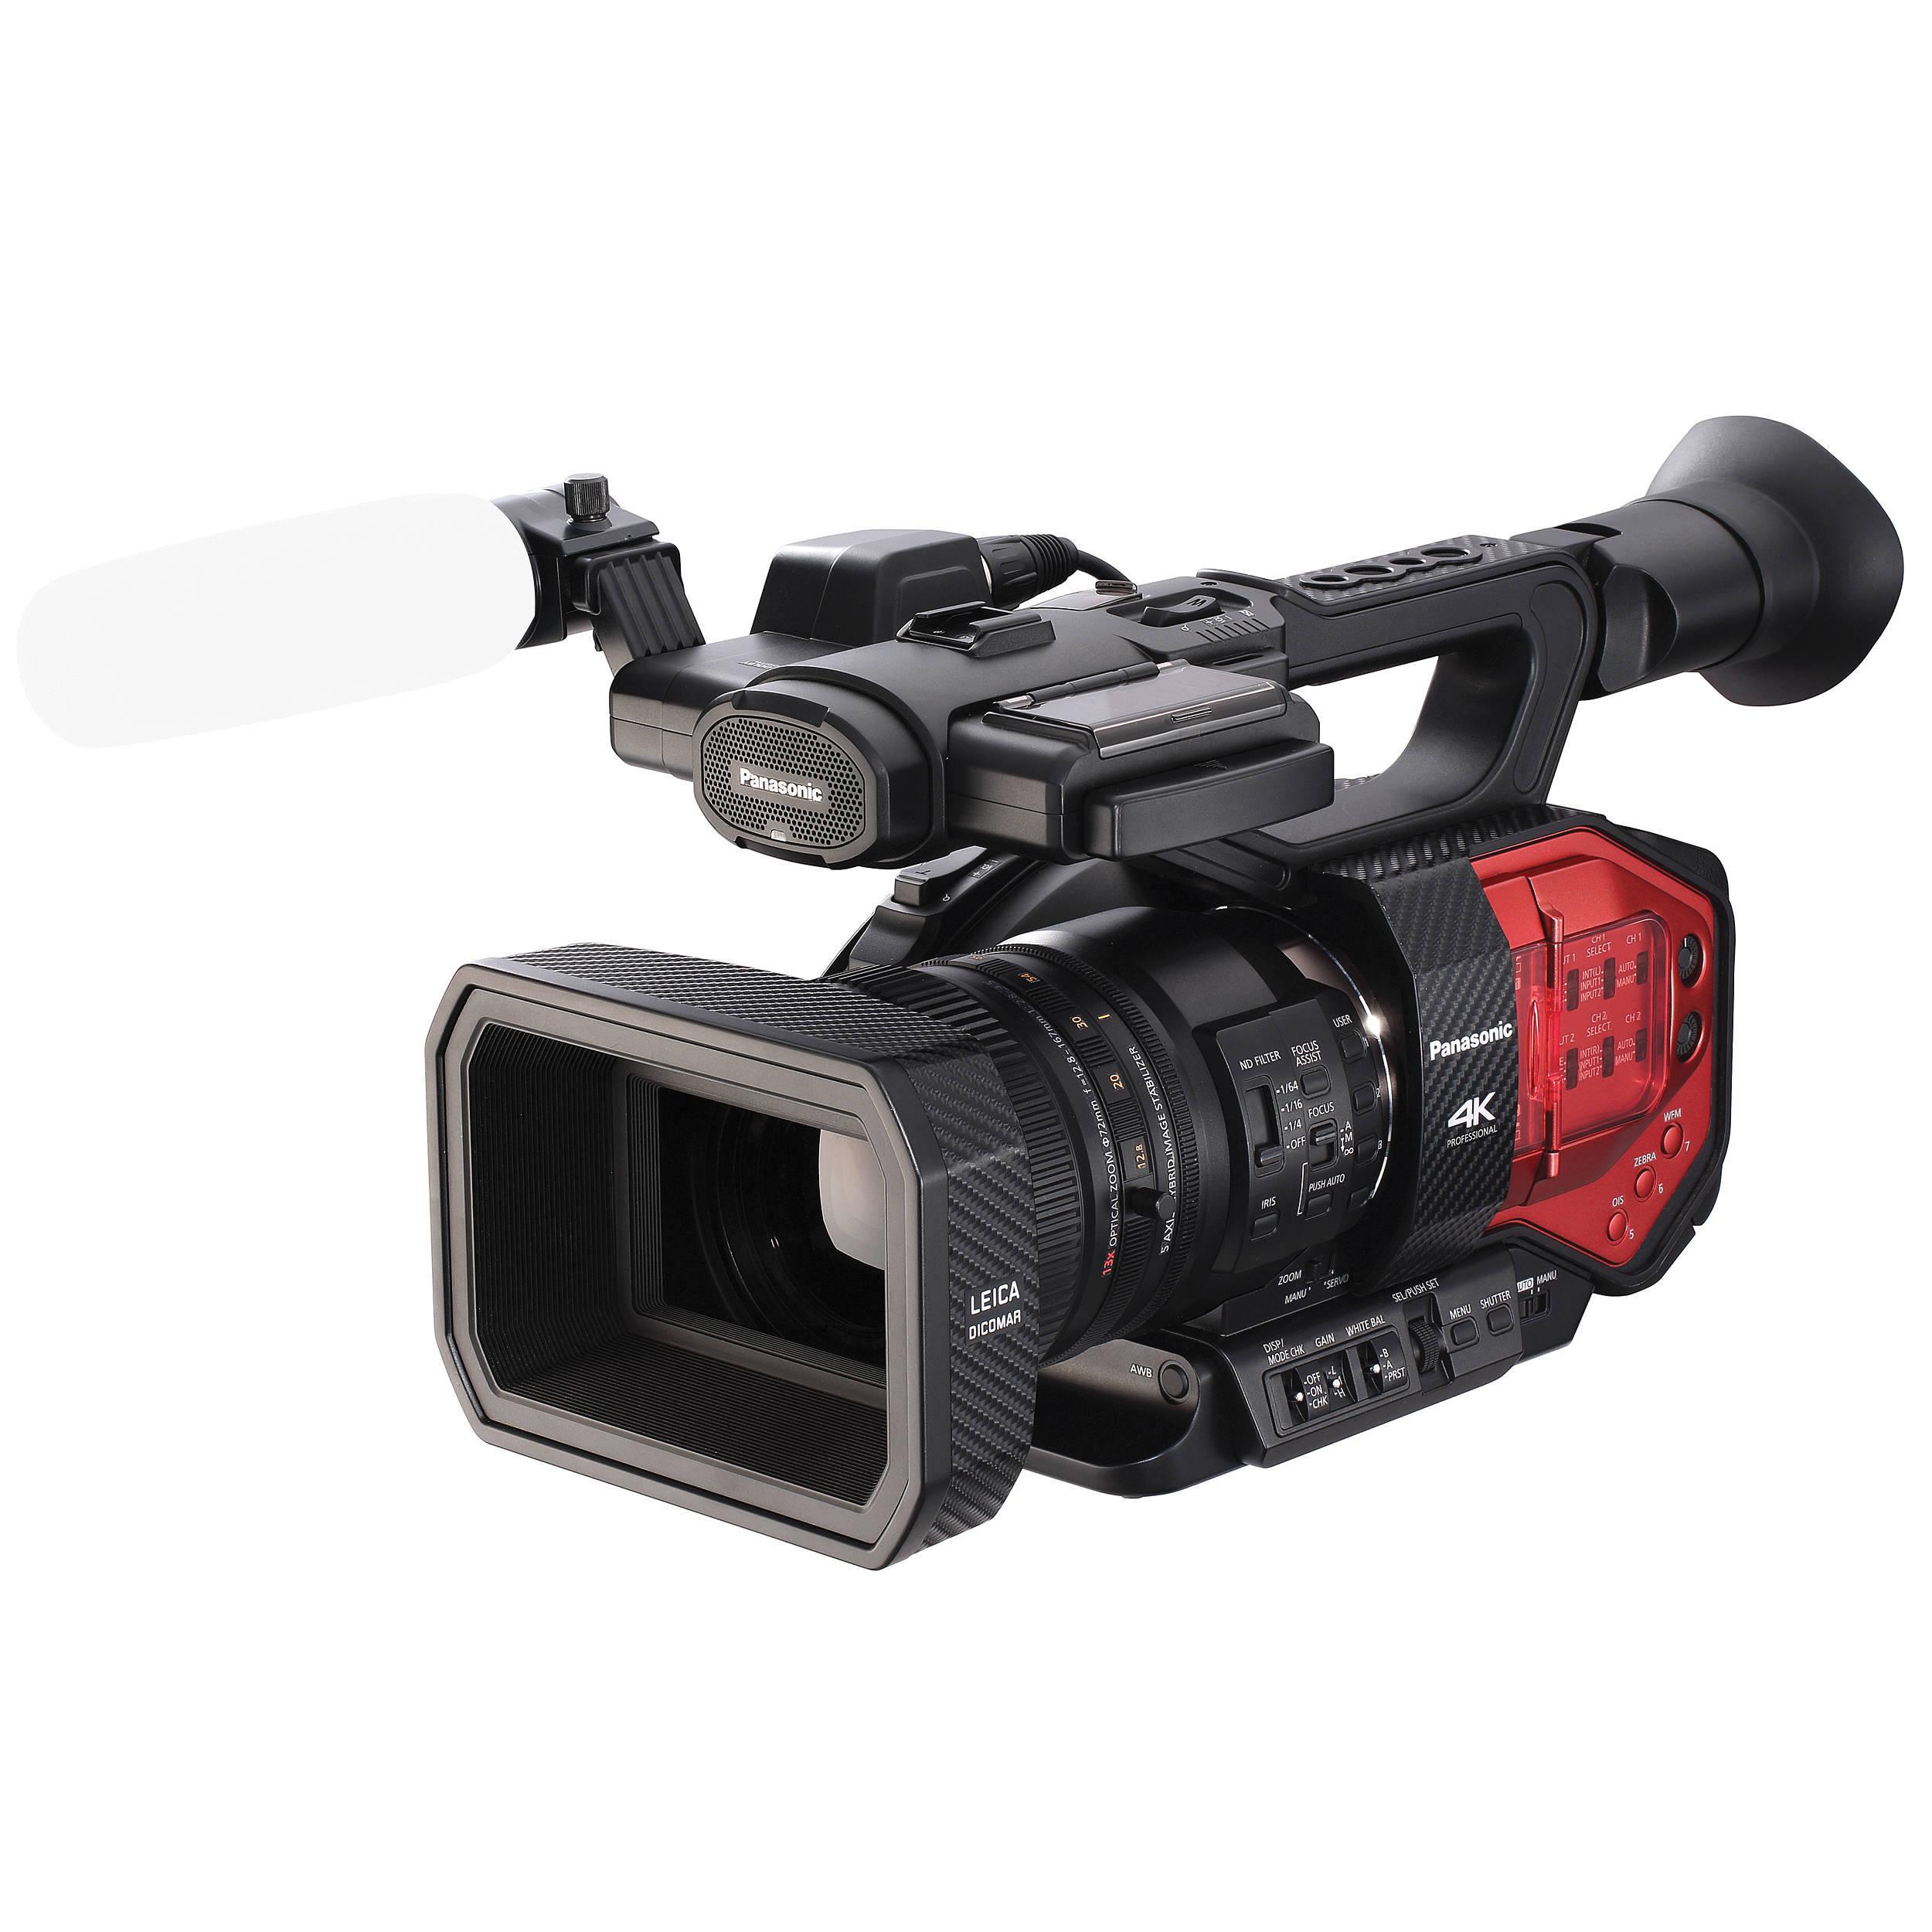 Panasonic AG-DVX200 4K Handheld Camcorder with Four AG-DVX200PJ